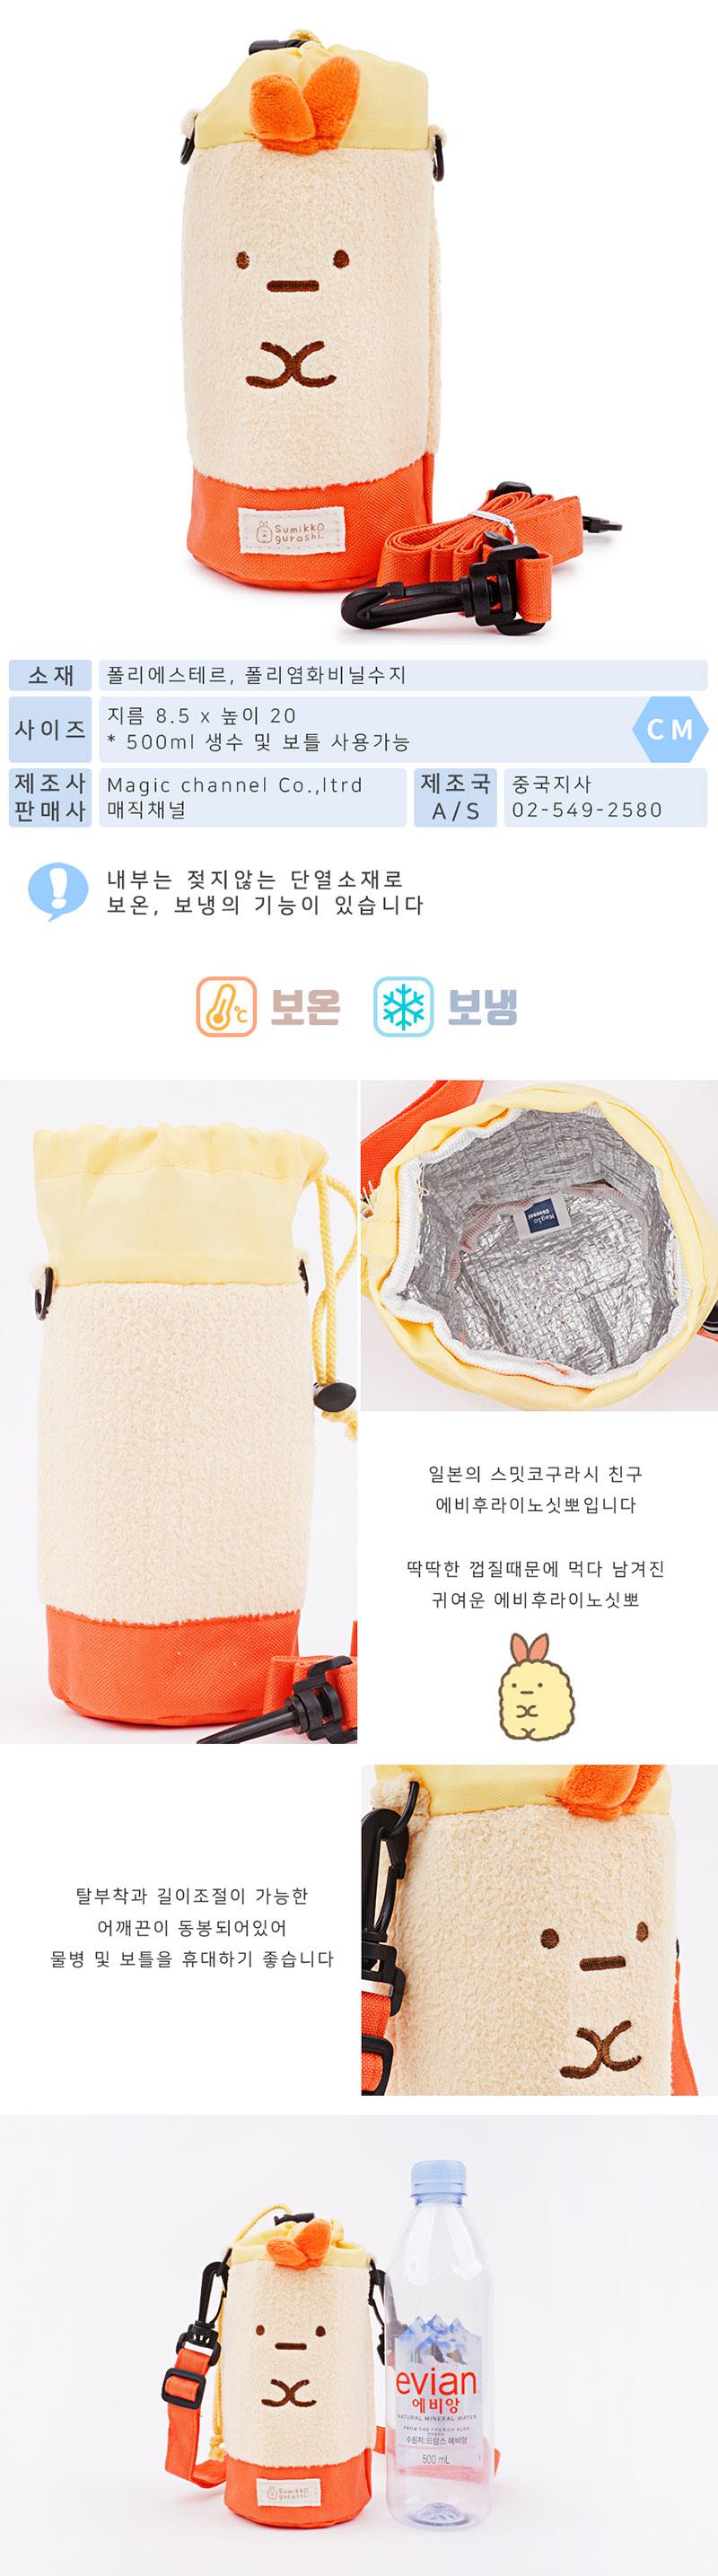 스밋코구라시 물병 파우치 주머니(어깨끈 물병집) - 부비캣, 13,000원, 가방/수납, 수납/카트